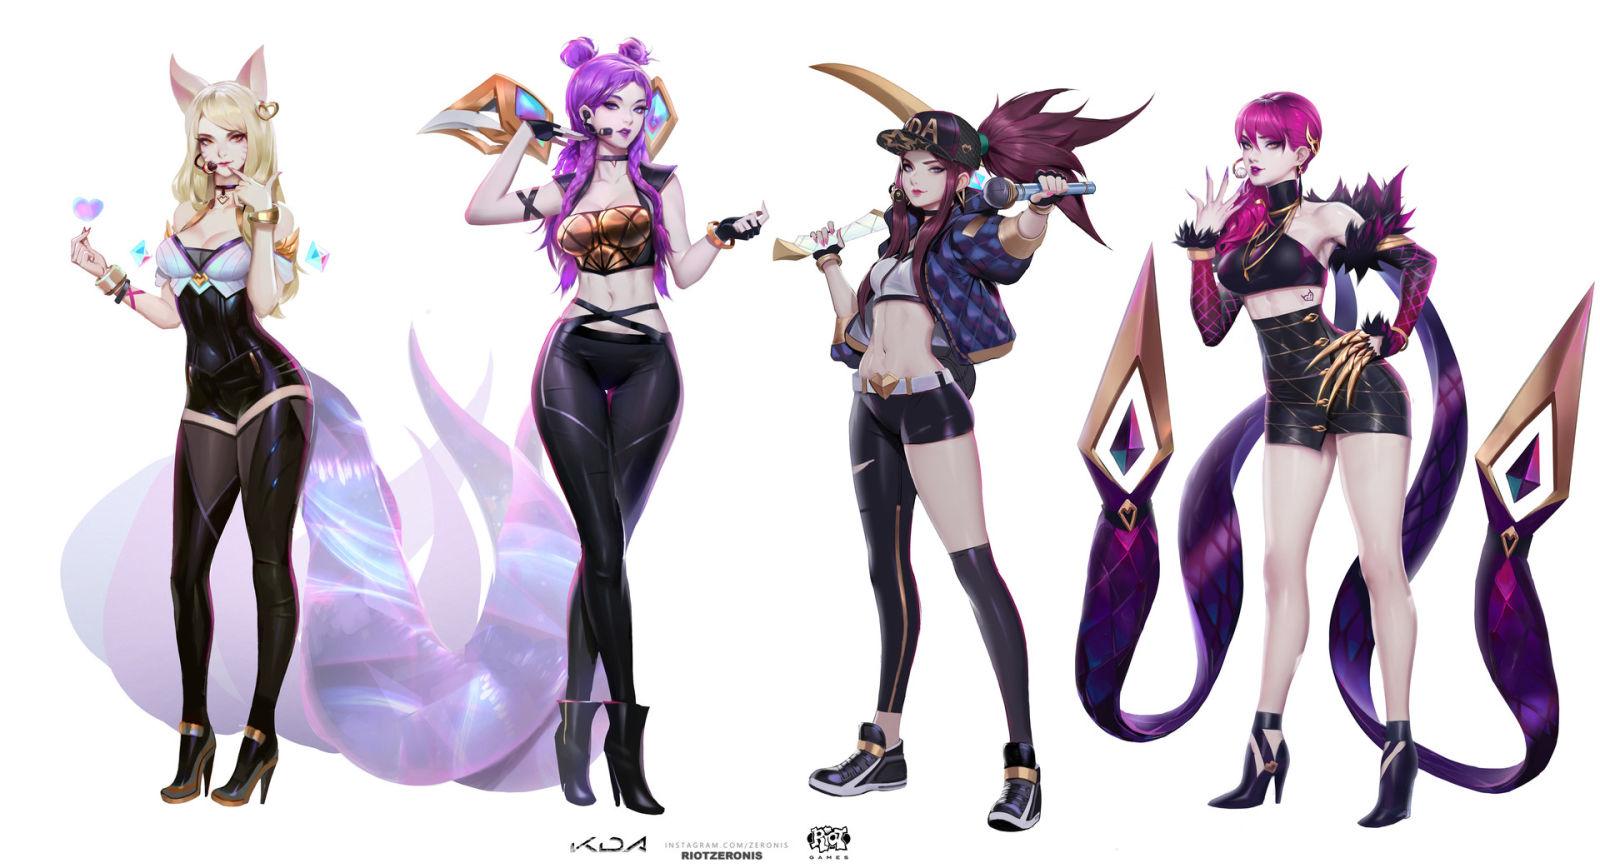 Официальные арты персонажей League of Legends из клипа POP/STARS